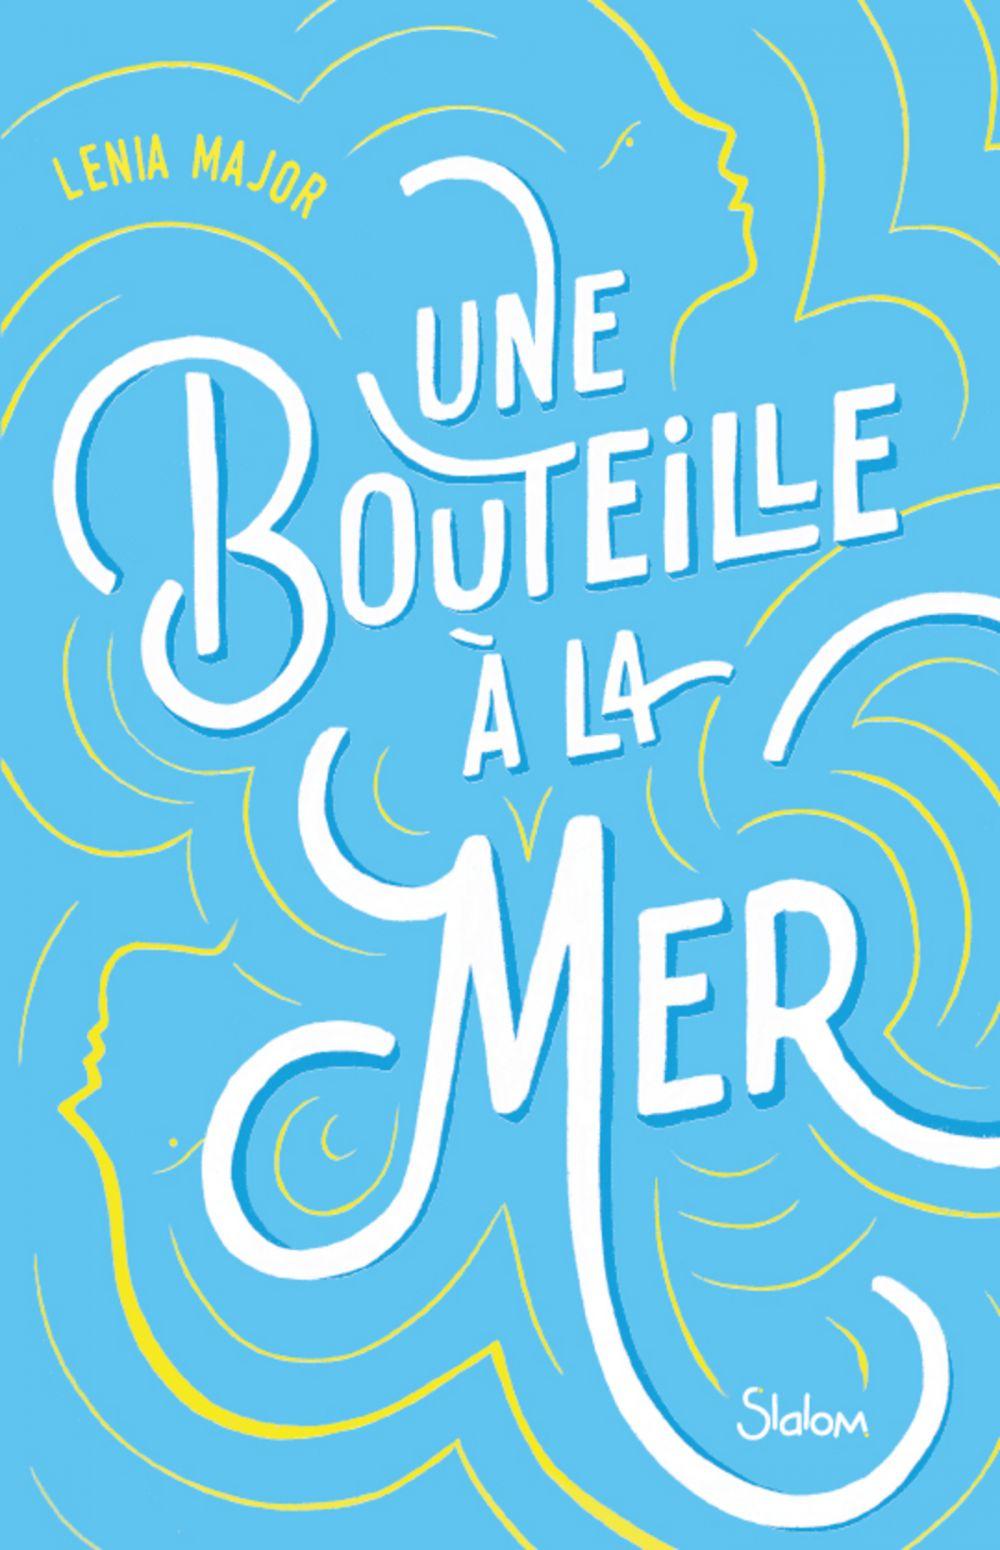 Une bouteille à la mer - Lecture roman réaliste romance maladie - Dès 13 ans | MAJOR, Lenia. Auteur